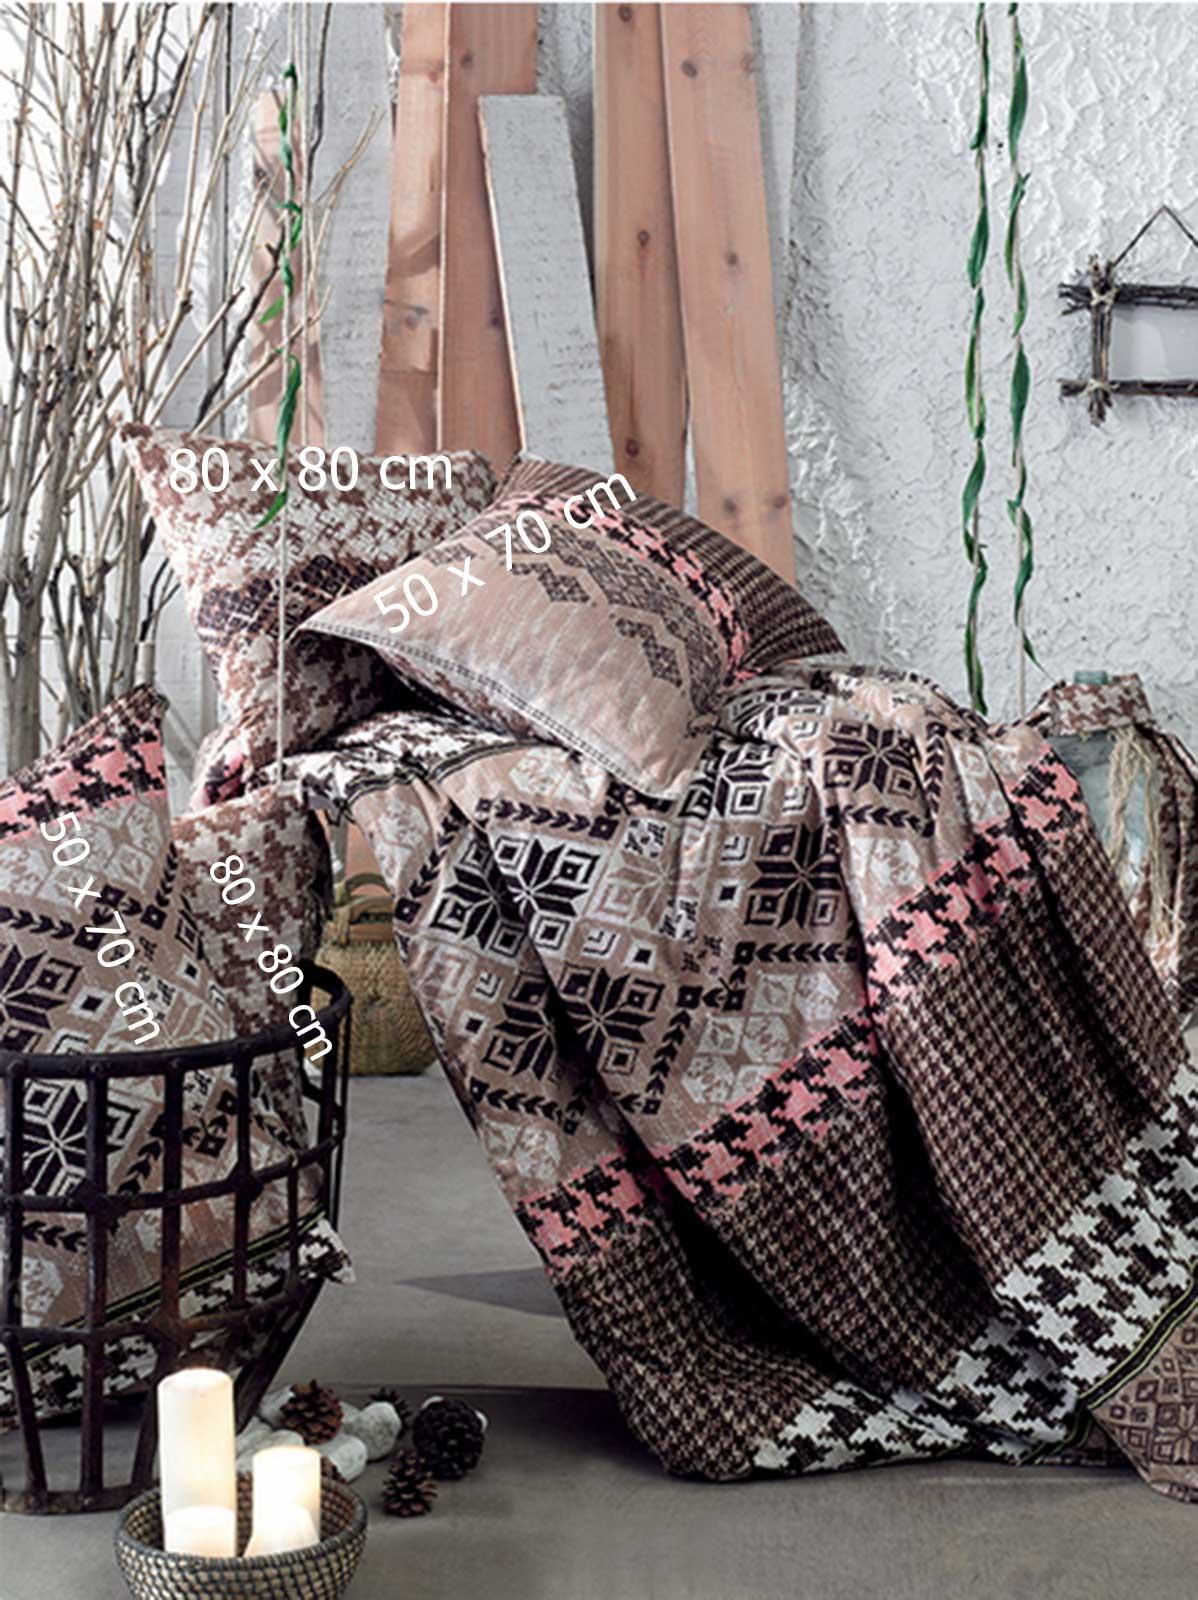 6 tlg bettw sche bettgarnitur 100 baumwolle kissen 220x240 cm etnik 01 braun. Black Bedroom Furniture Sets. Home Design Ideas